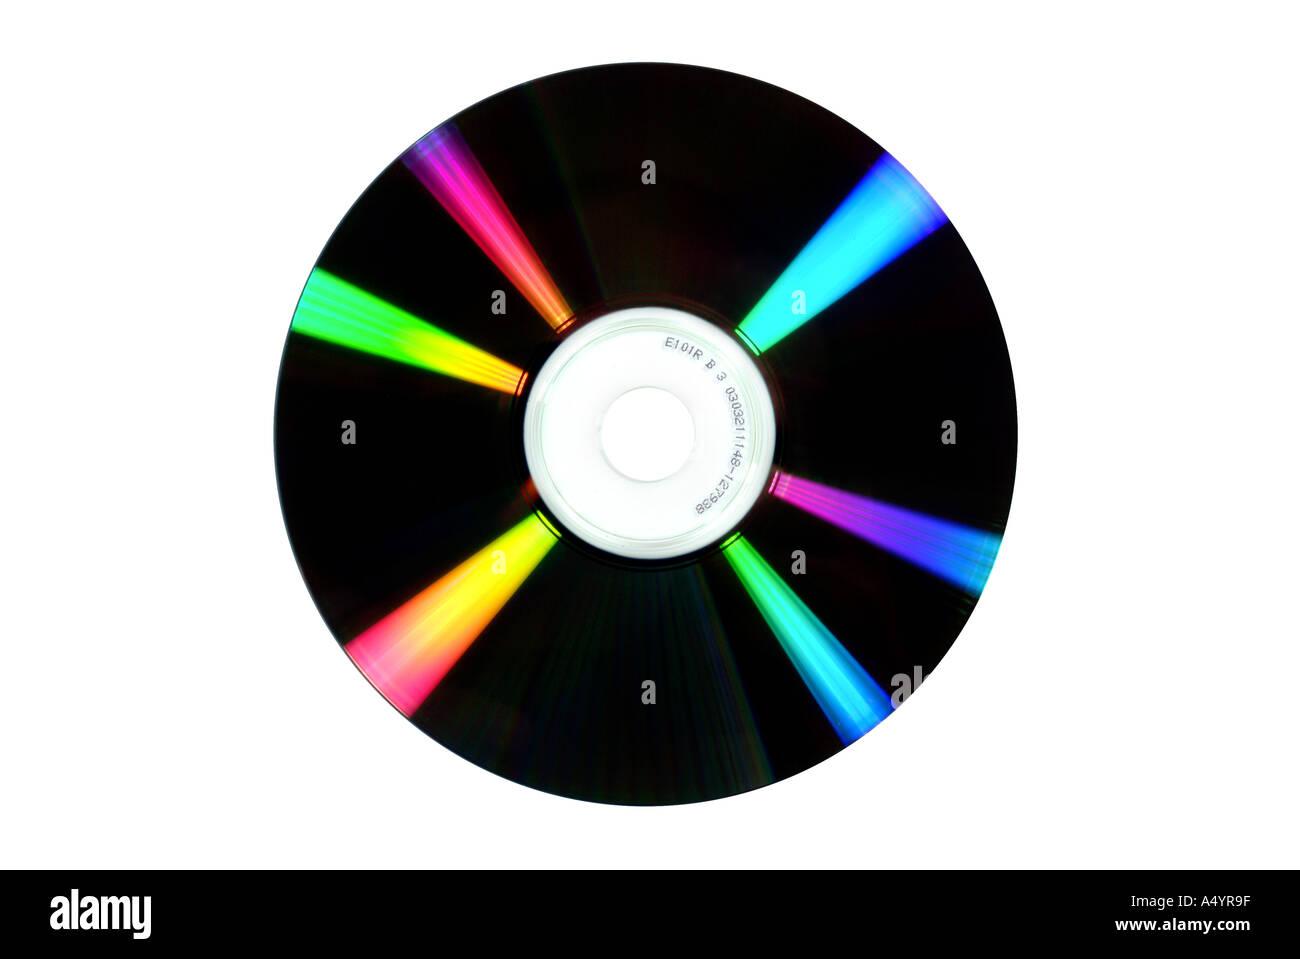 DVD CD CDR CD RW DVD R DVD RW DVD R DVD RW - Stock Image